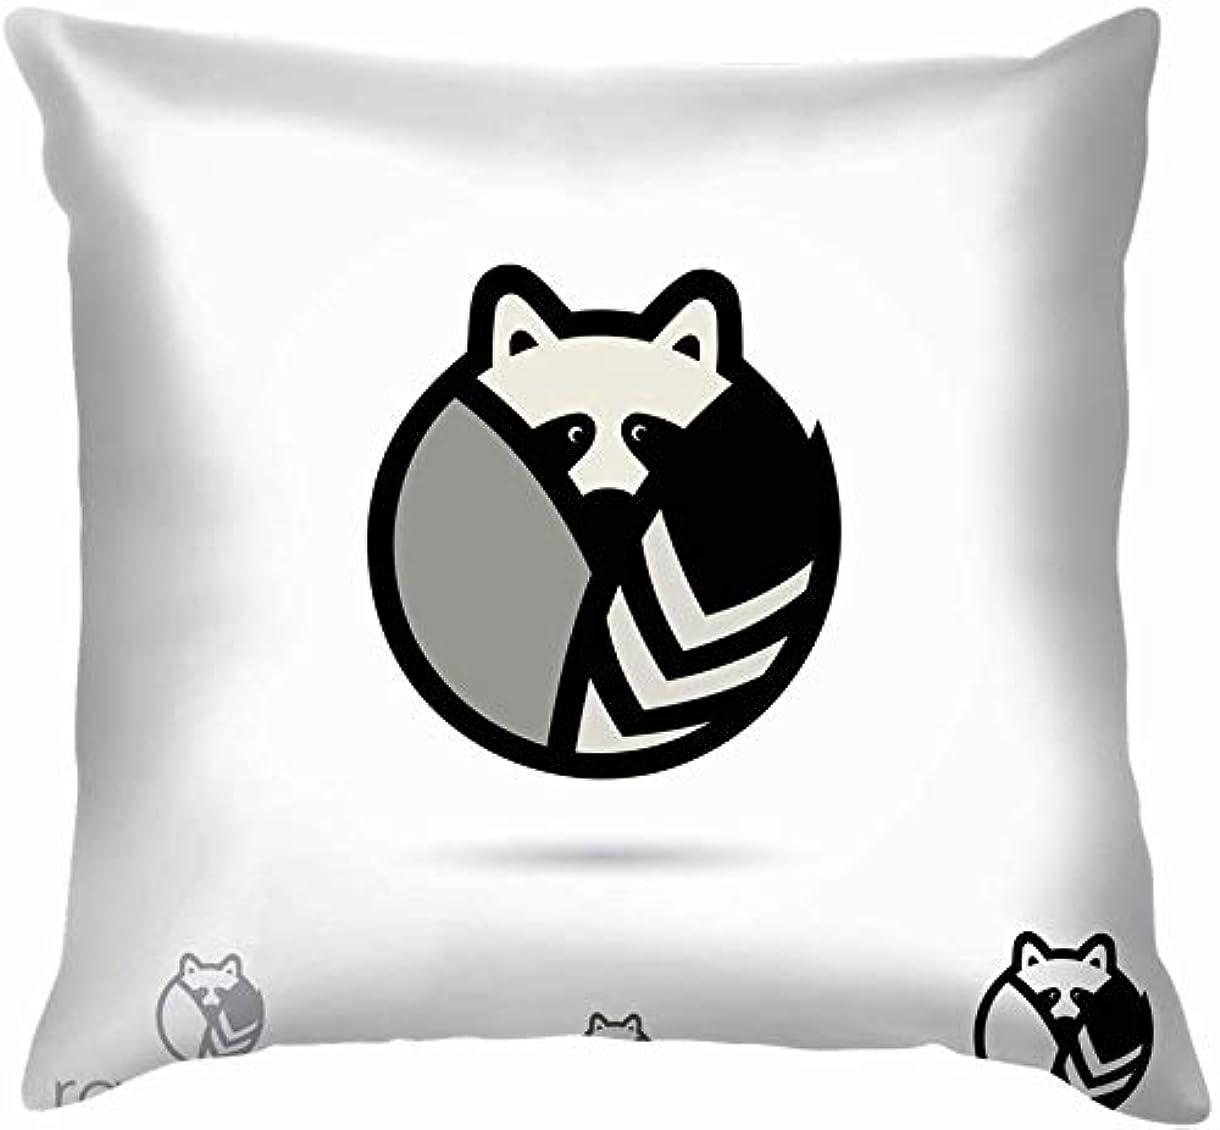 施しどちらも文房具アライグマシンボル動物野生動物投げる枕カバーホームソファクッションカバー枕カバーギフト45x45 cm